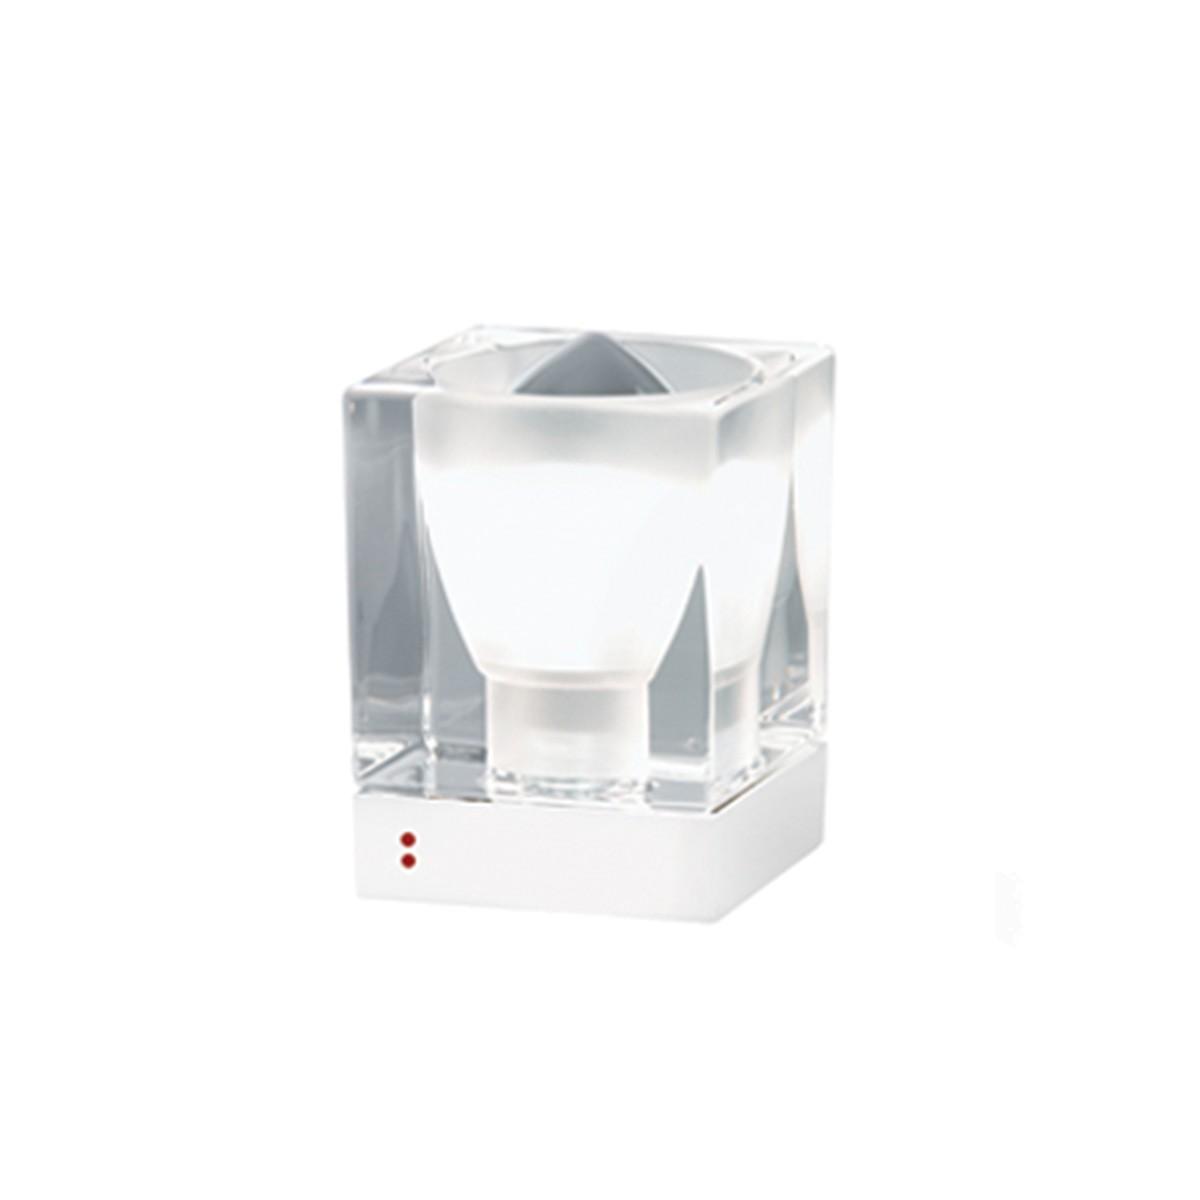 Fabbian Cubetto Tischleuchte, E14, transparent - weiß